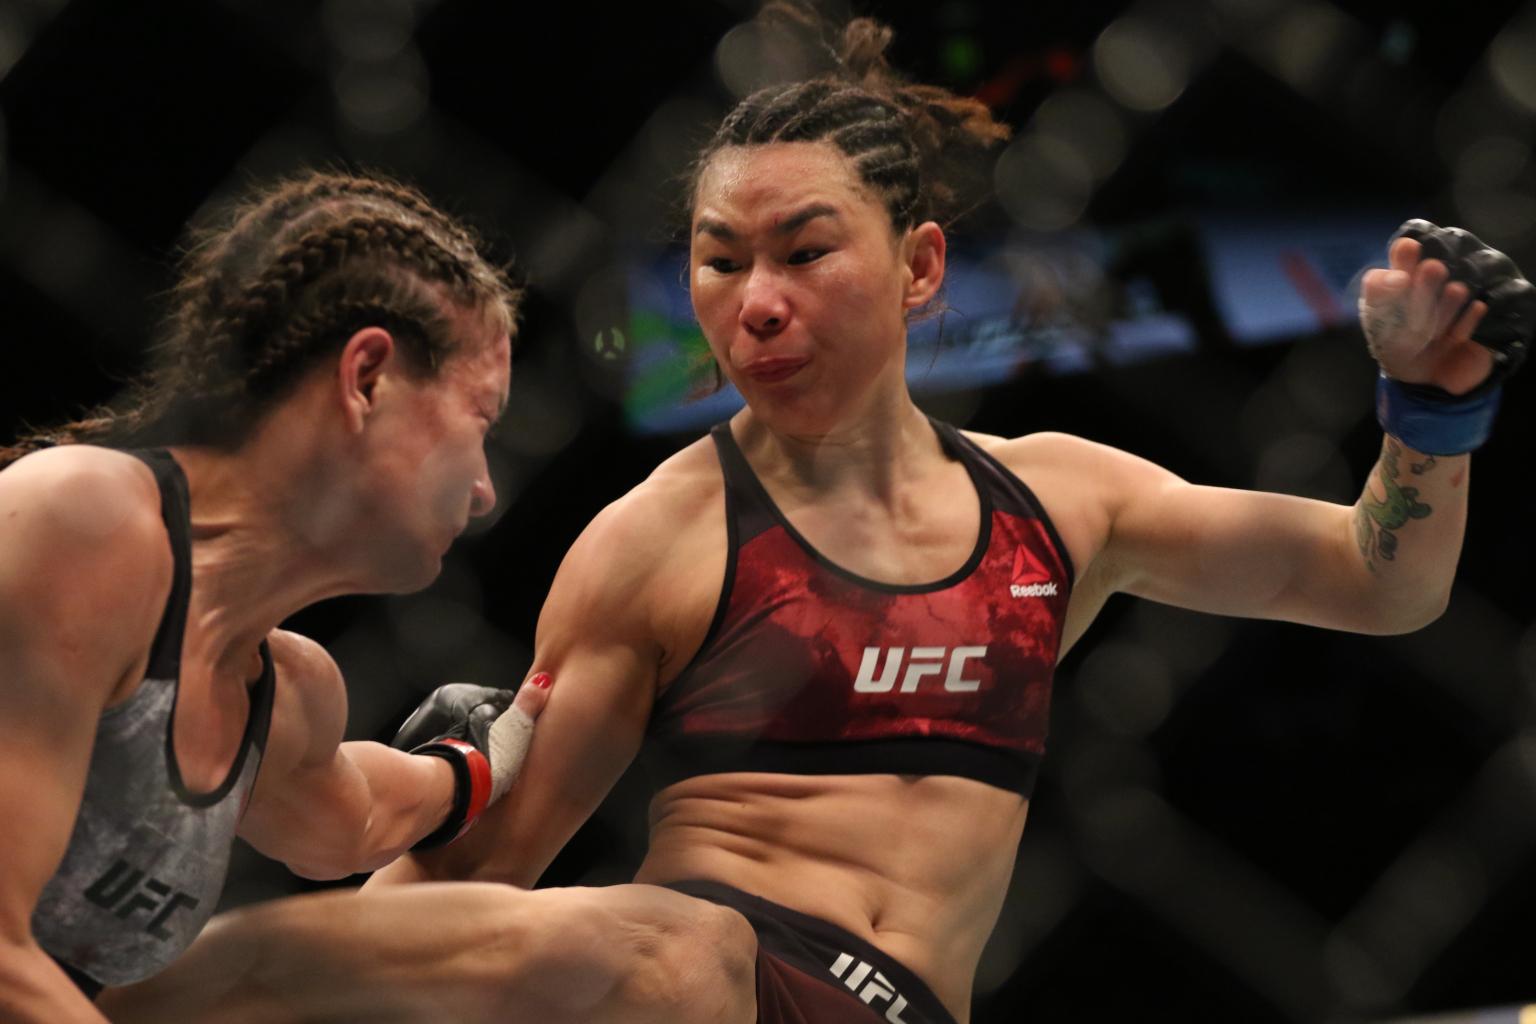 闫晓楠自称比张伟丽更漂亮更有冠军相,专家:技术全面但缺乏重拳